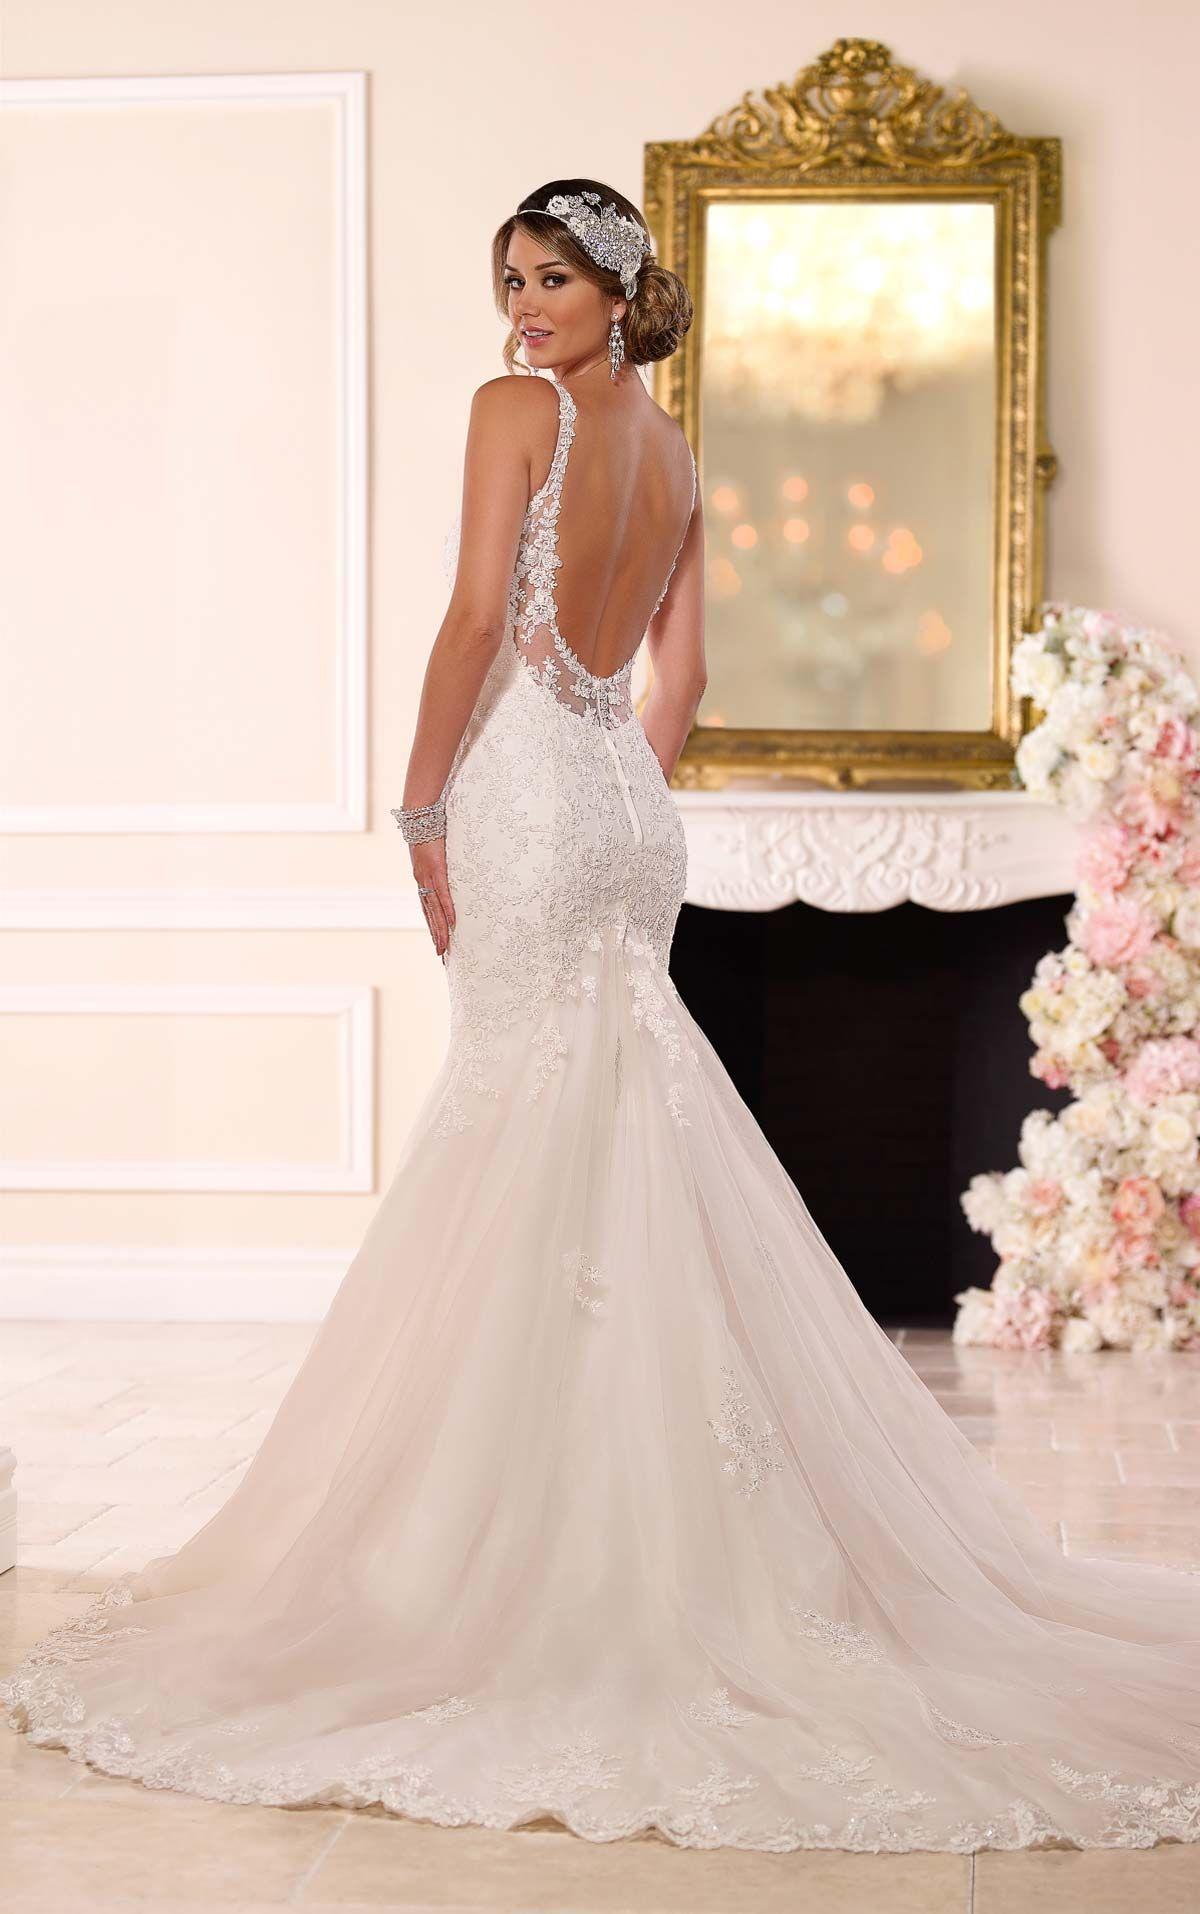 Alquiler de vestidos de novia medellin colombia precios